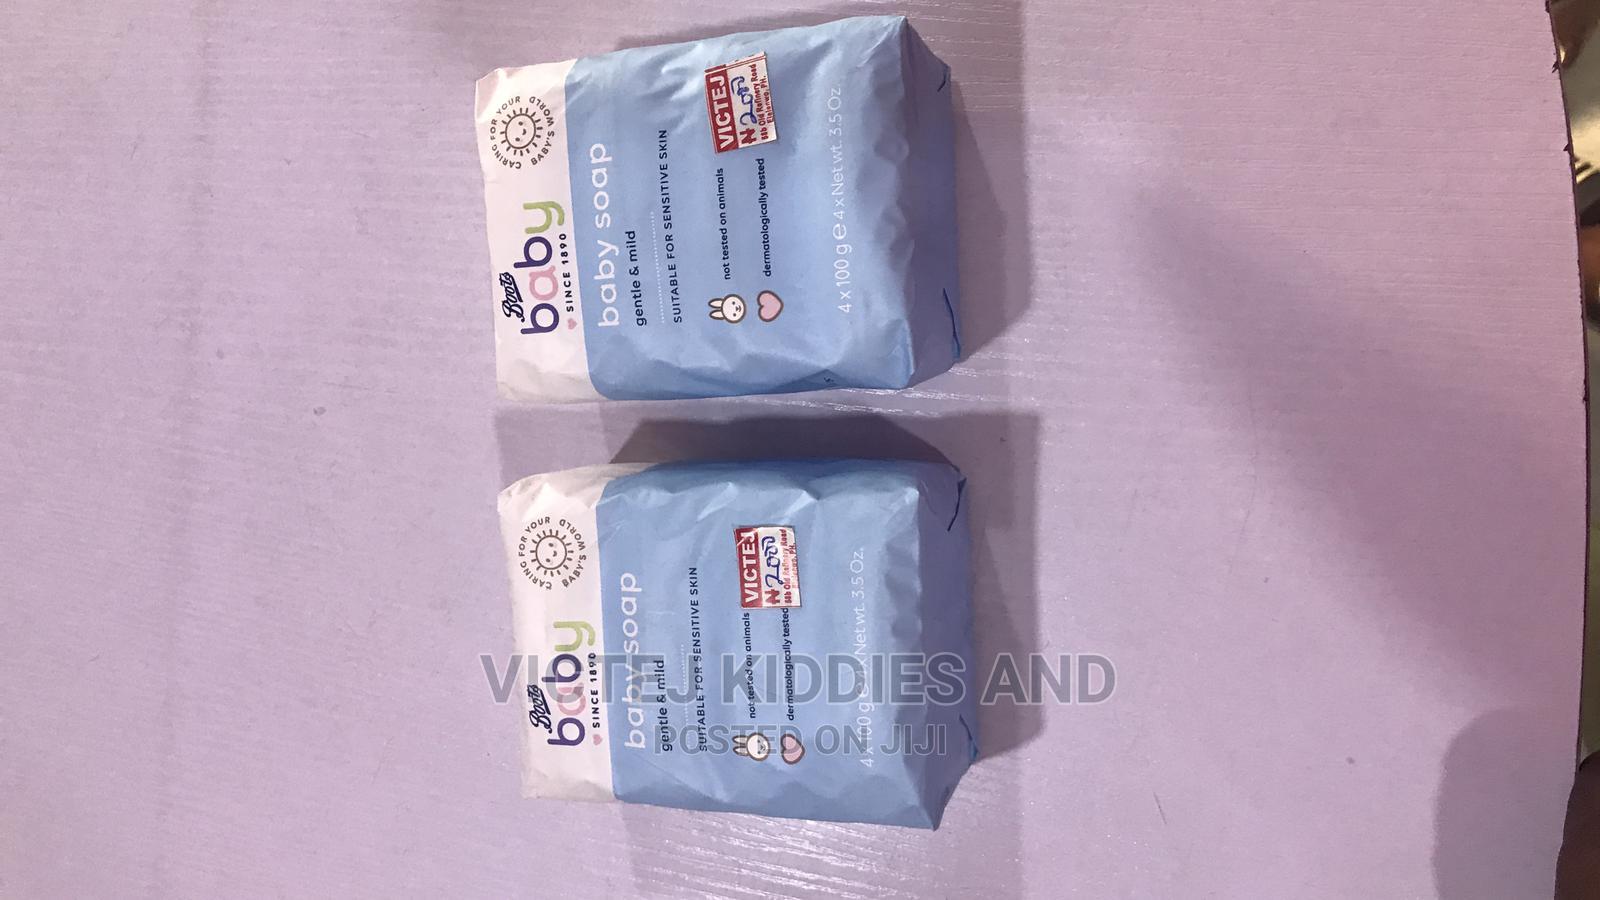 Original Boots Tablet Soap